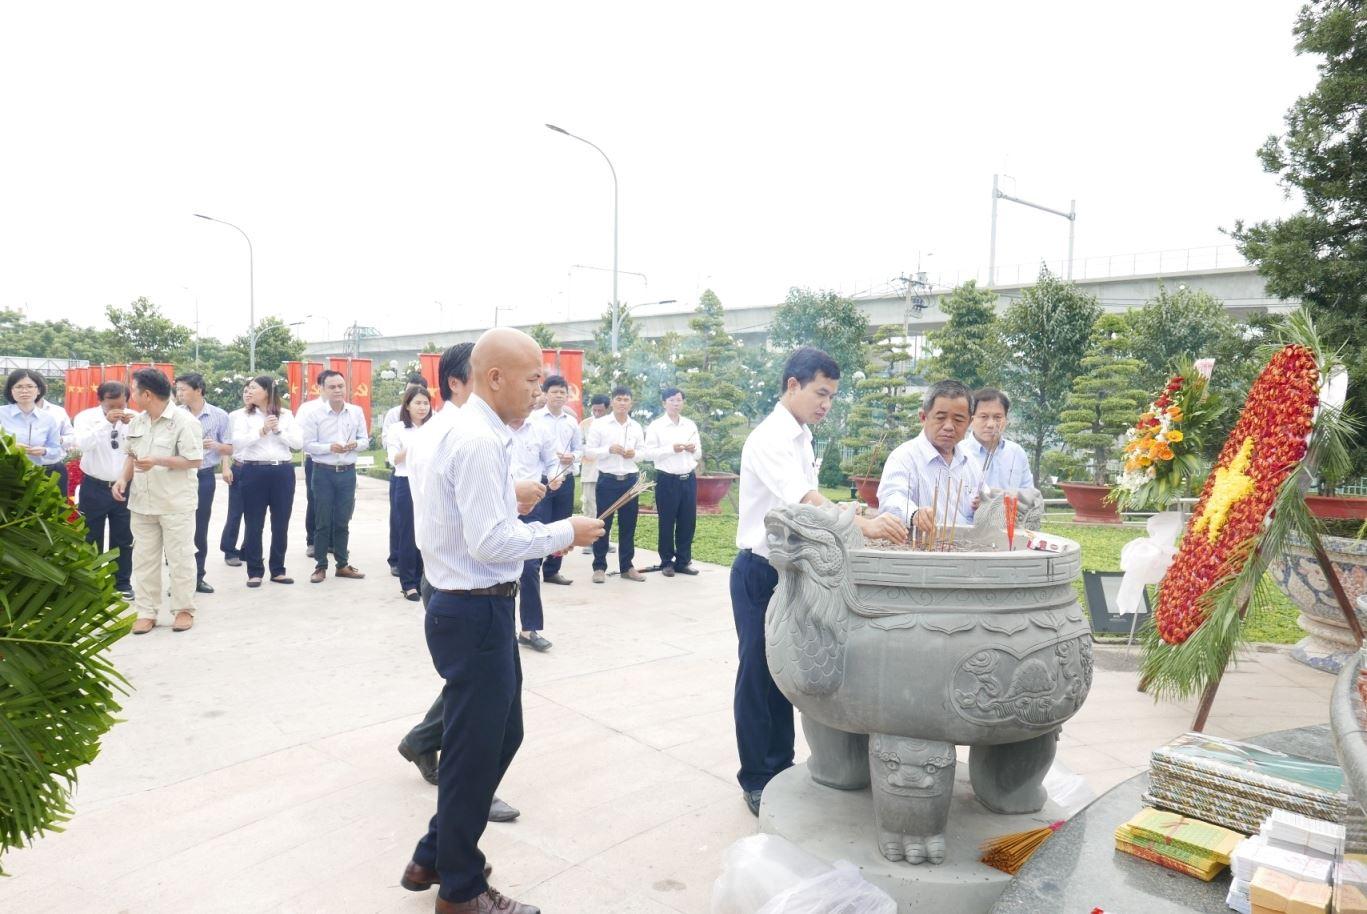 cc1-mekong-kinh-nho-anh-hung-liet-sy-27-07-19 (3)